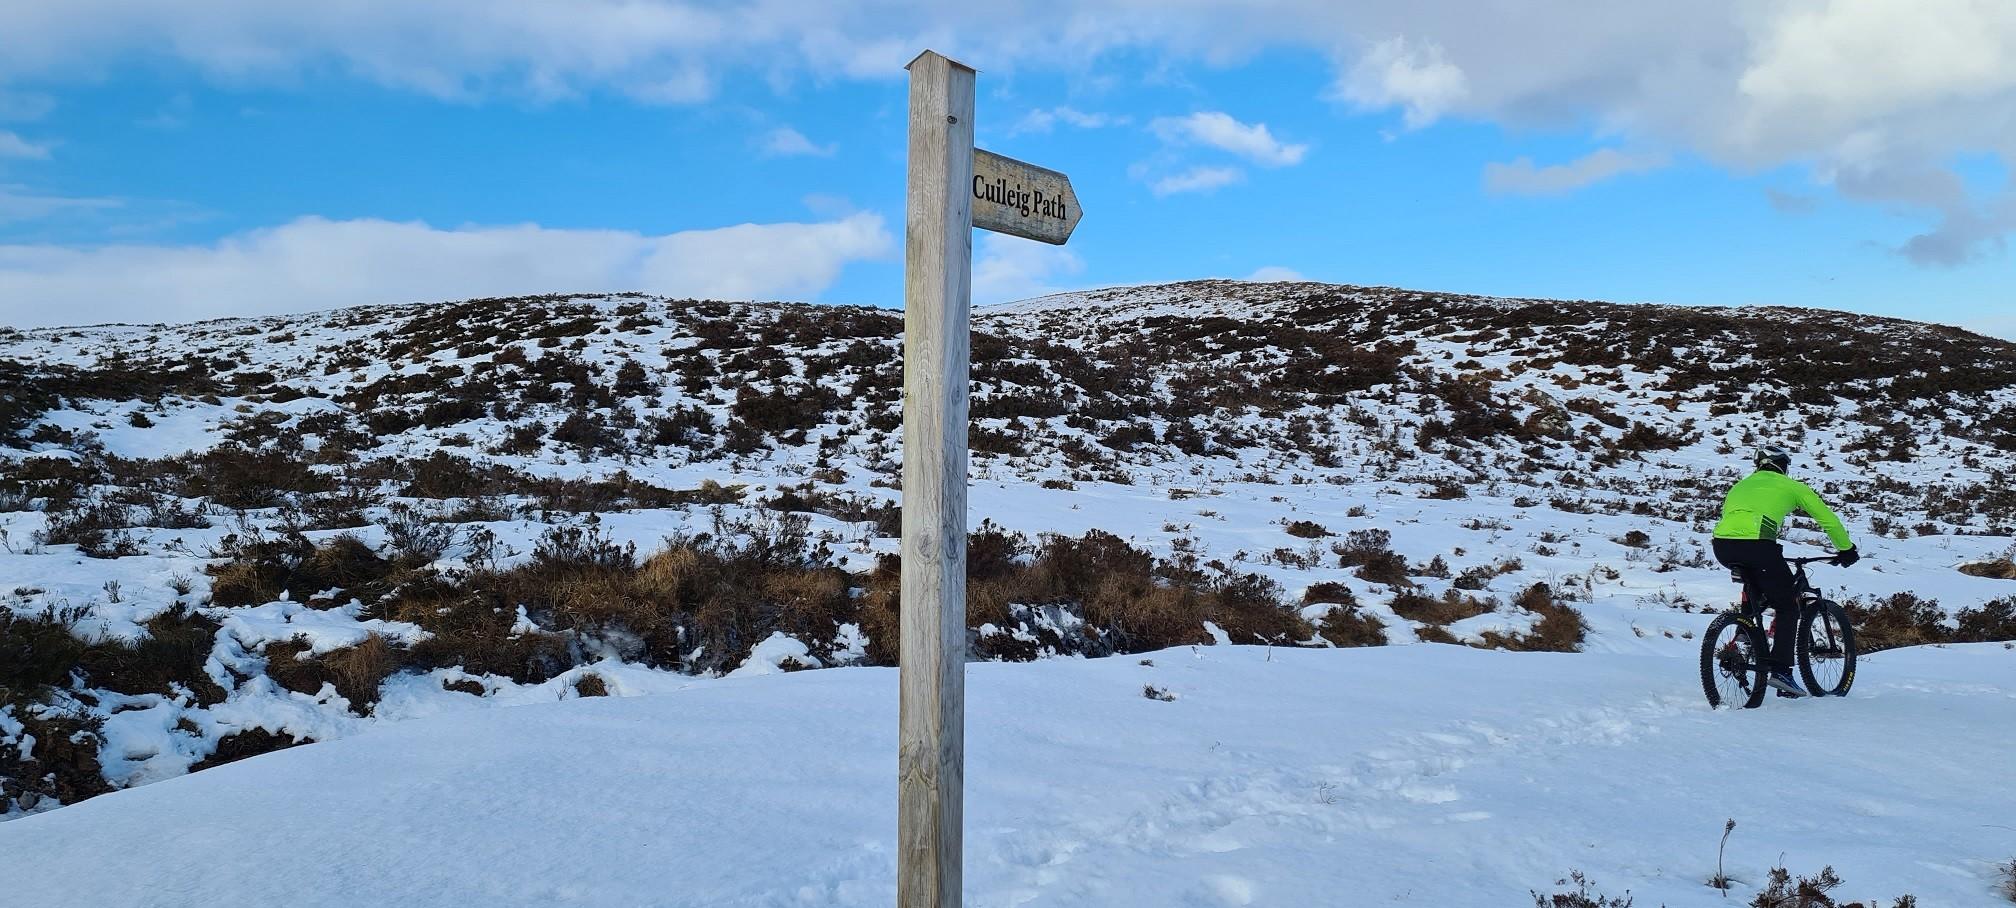 Cuileig path loop